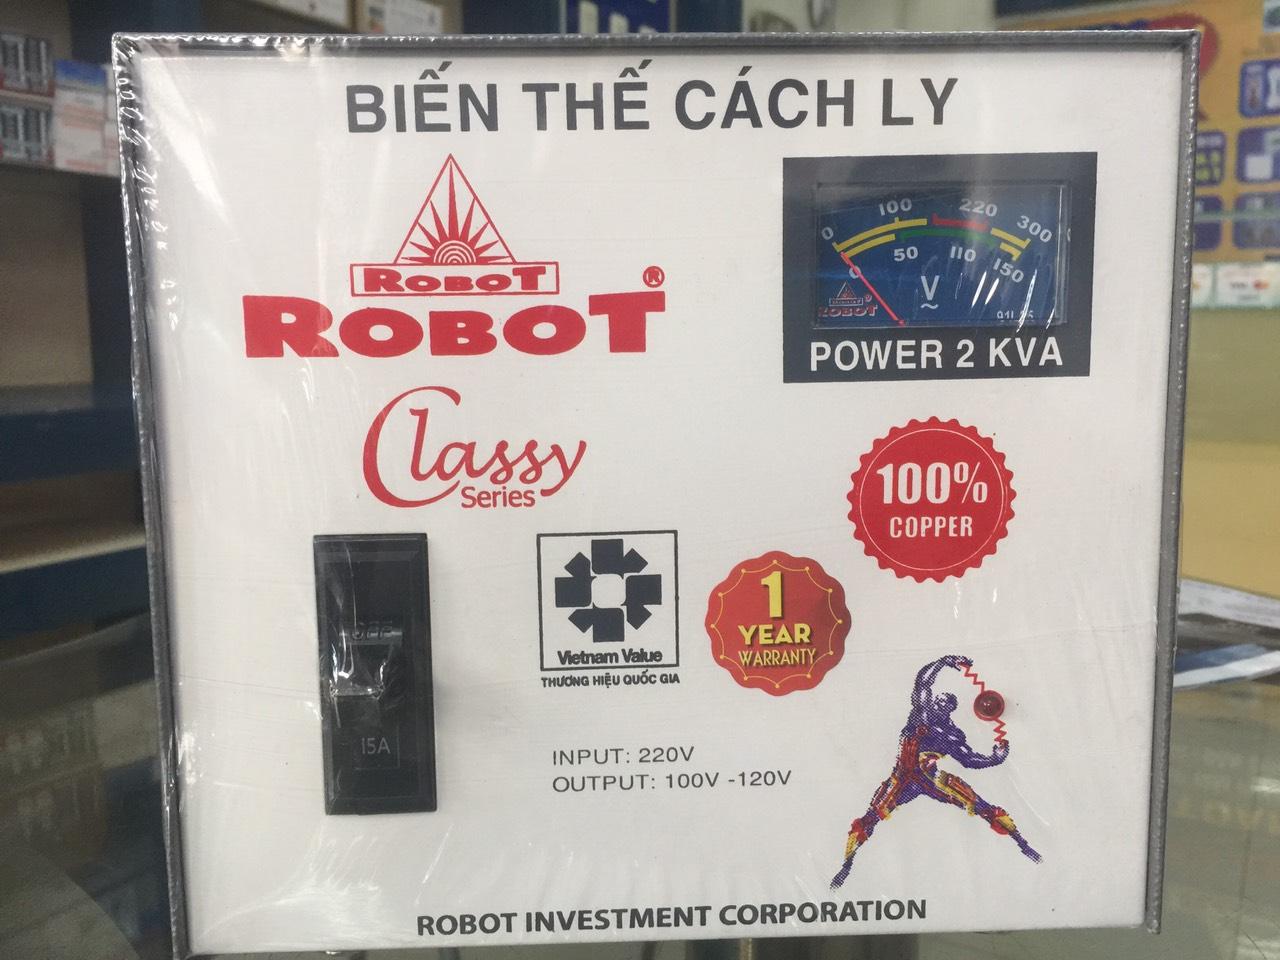 Biến Thế Cách Ly Robot 2KVA (Dây đồng)